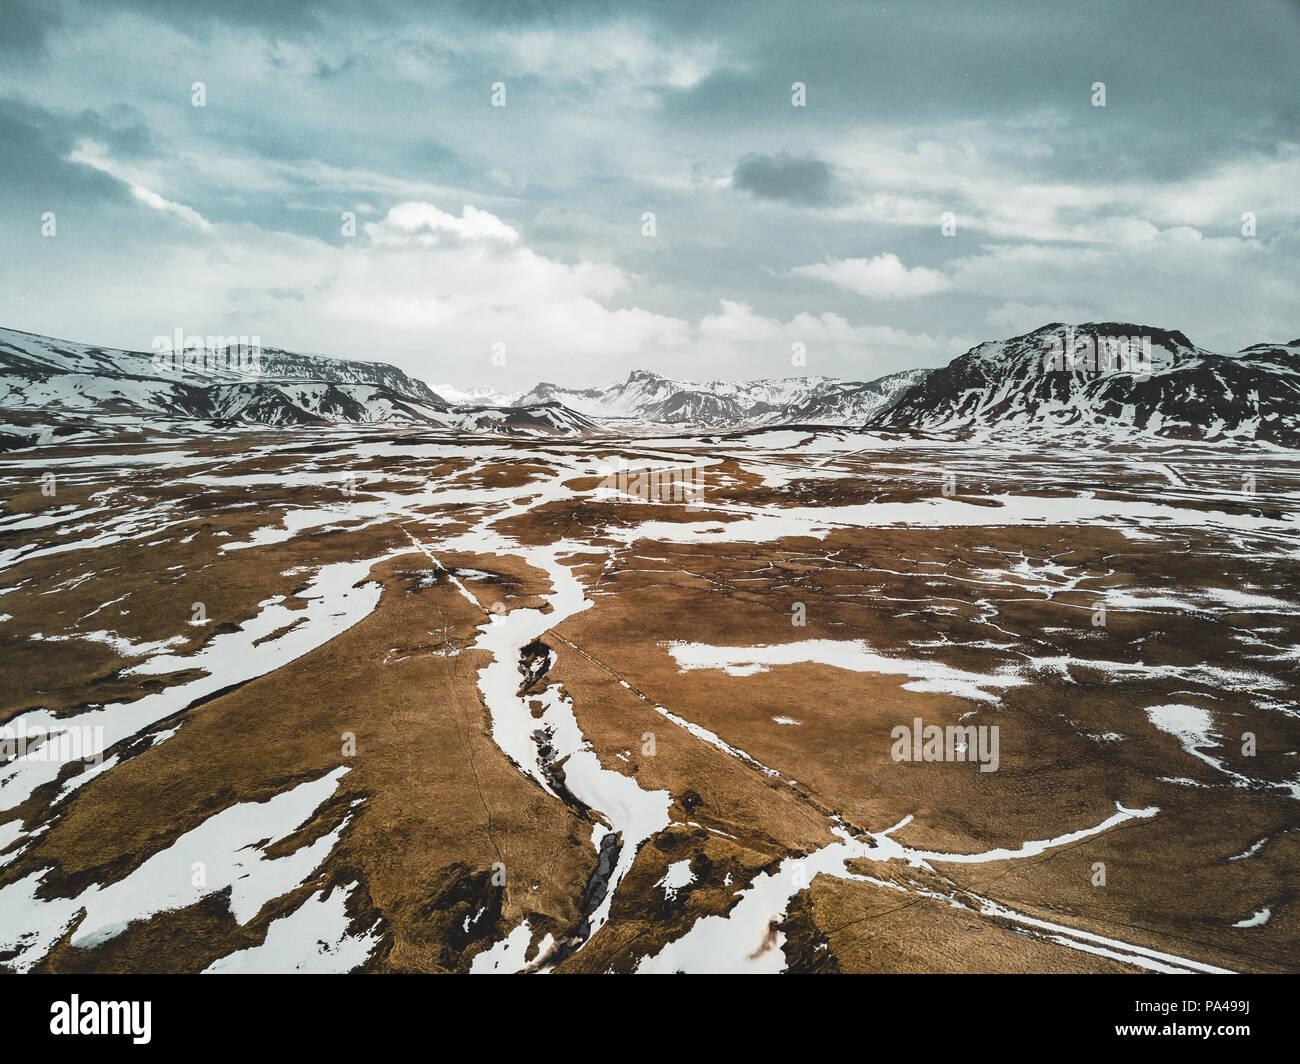 Islanda vista aerea paesaggio con neve e nuvole, street e il giallo e il verde del prato Immagini Stock